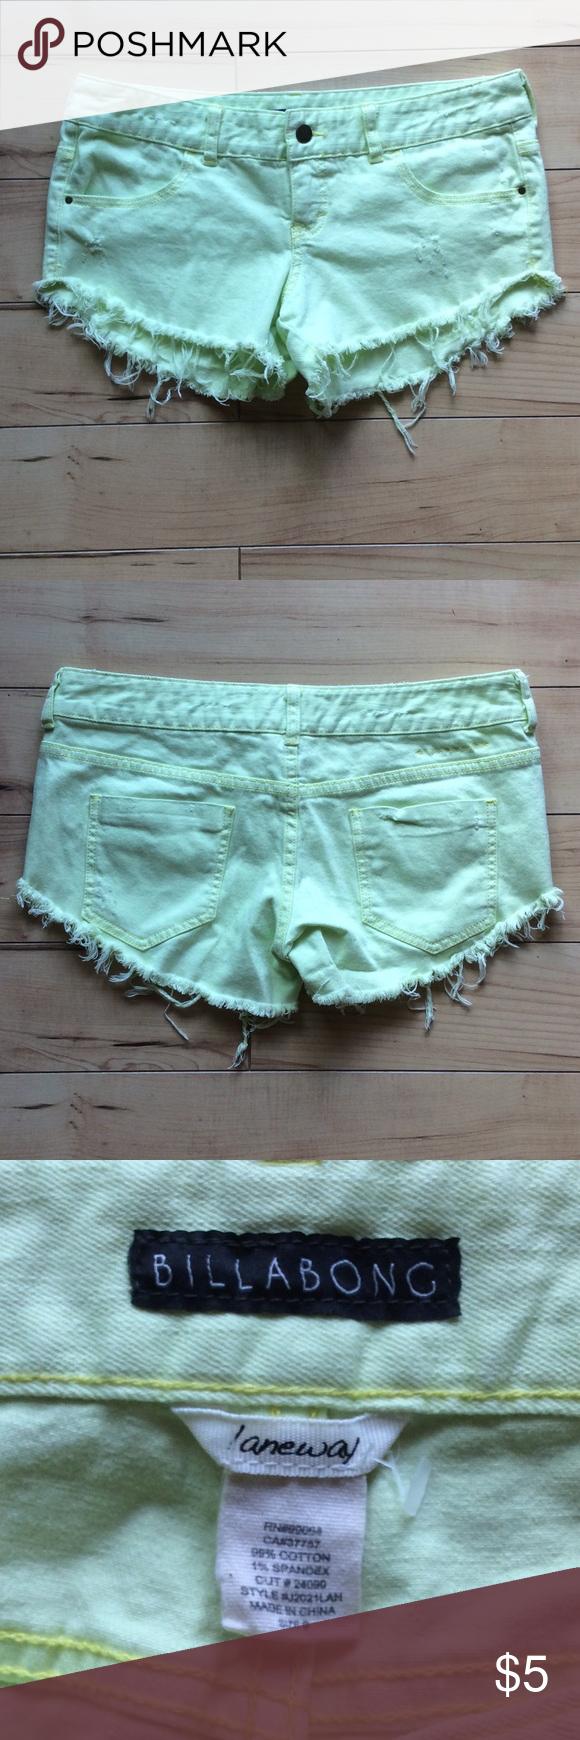 Yellow Billabong cutoff jean shorts Perfect for the beach! Billabong Shorts Jean Shorts